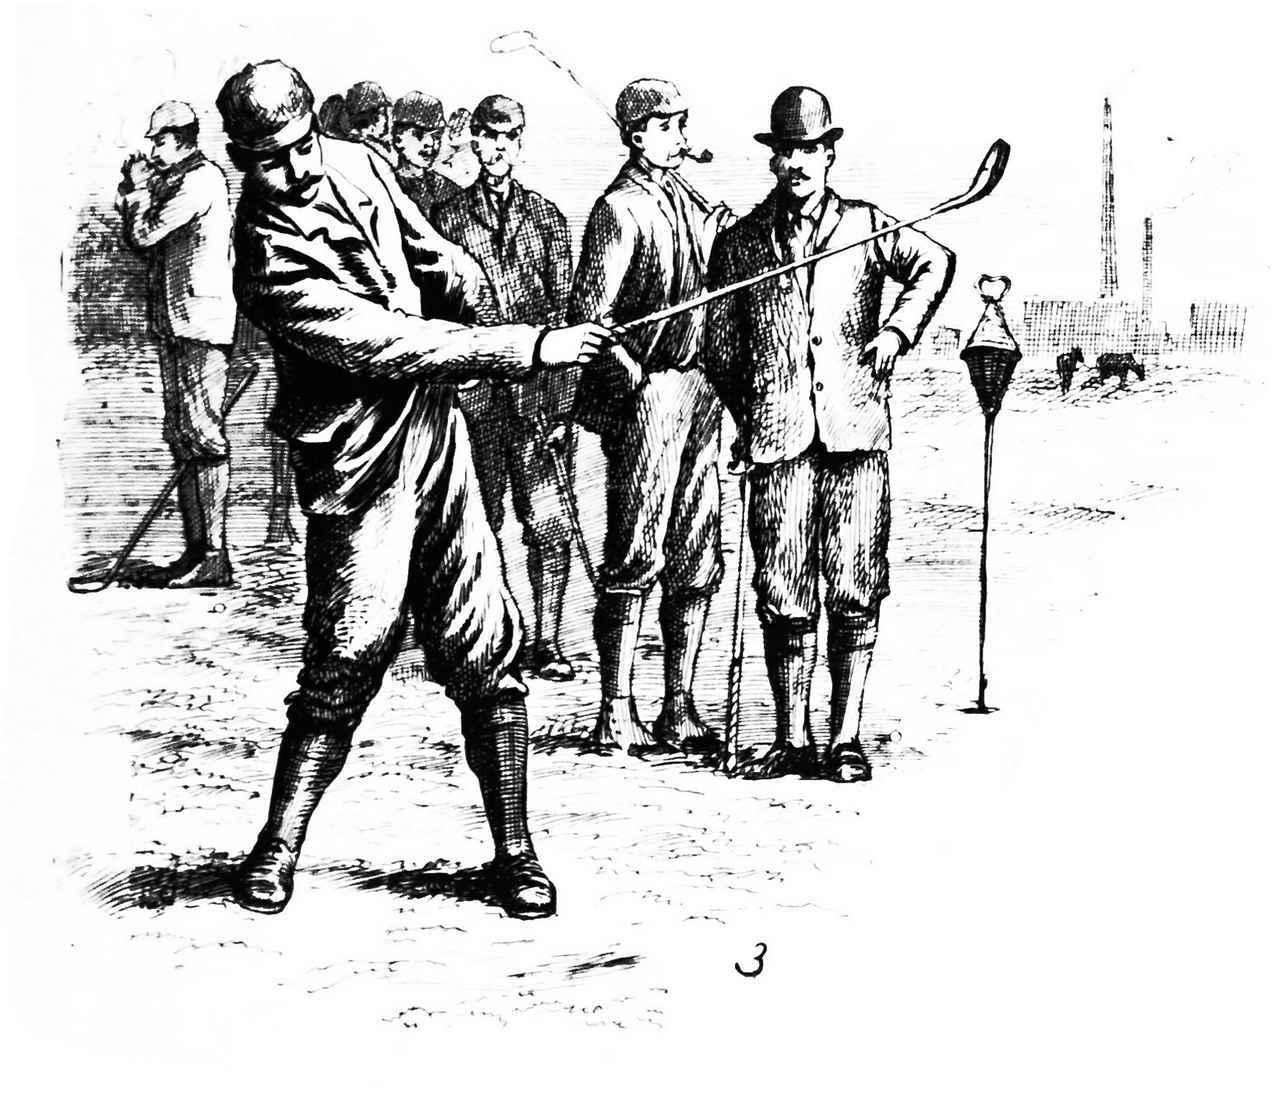 画像1: クラブが14本になったのは、球聖ボビー・ジョーンズのアドバイス